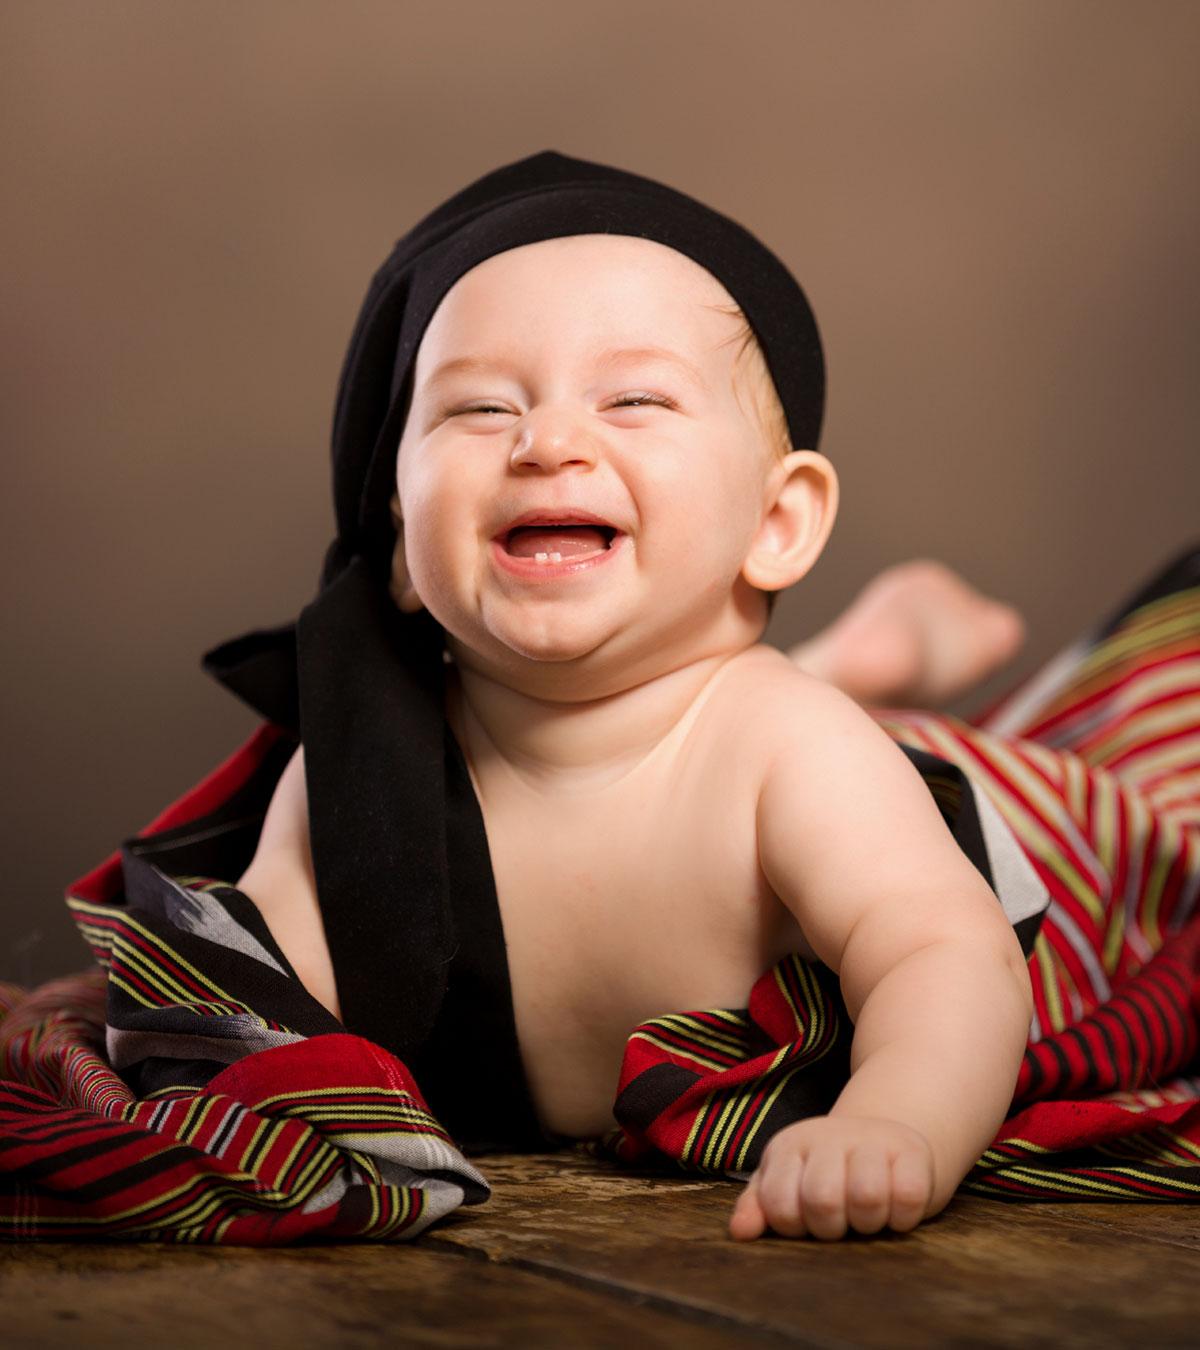 Nomi polacchi maschili: ecco i più belli per il tuo bambino